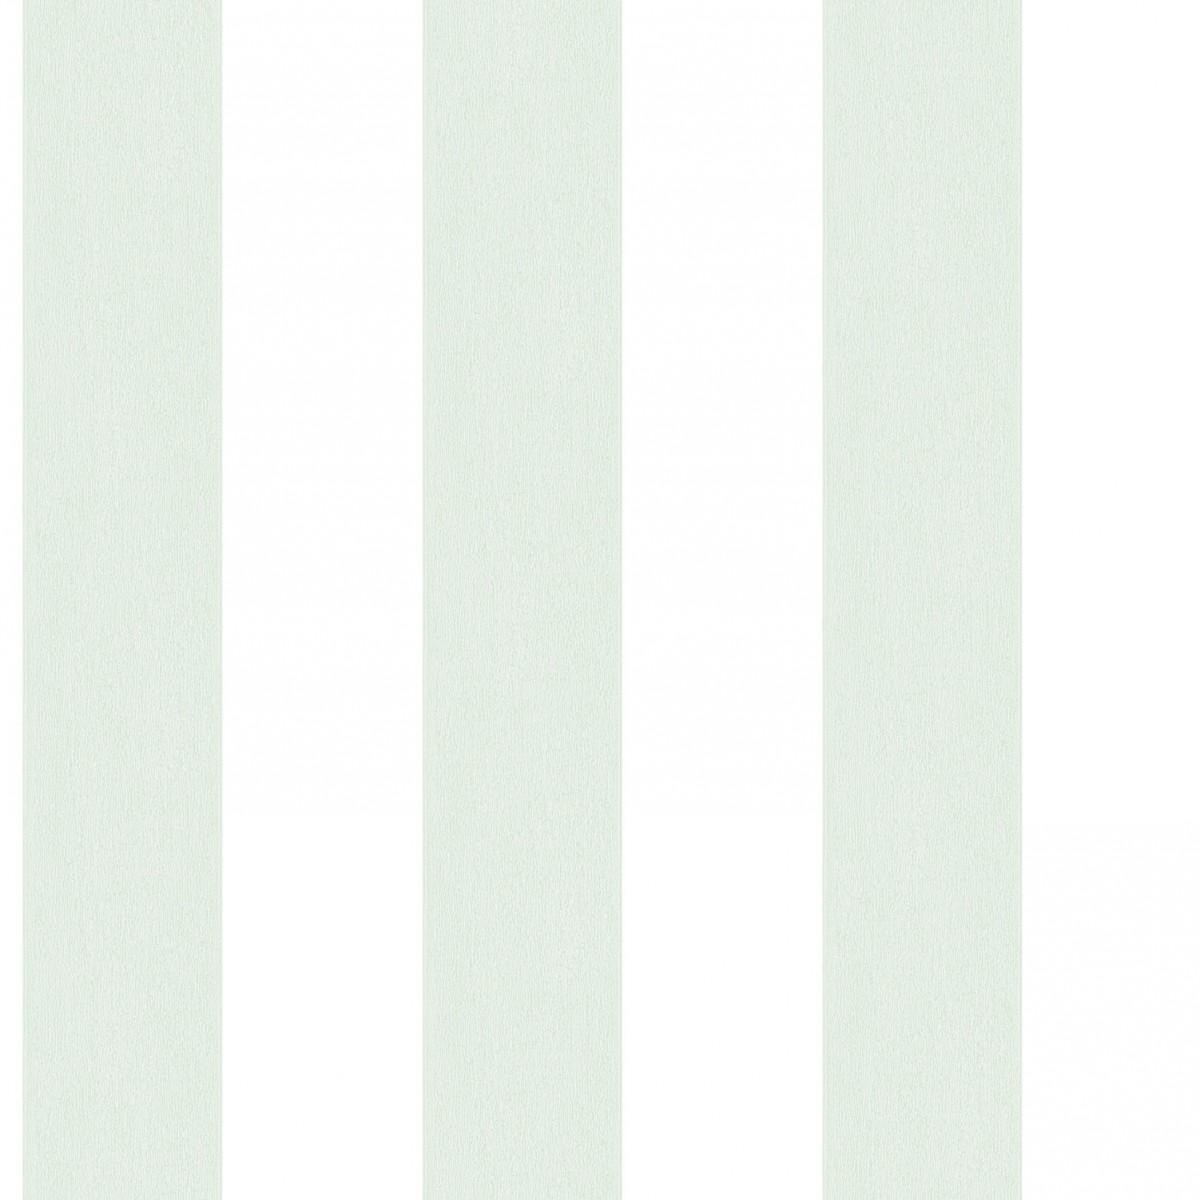 Tapet - Striber der er fadet ud i farven - lys grøn